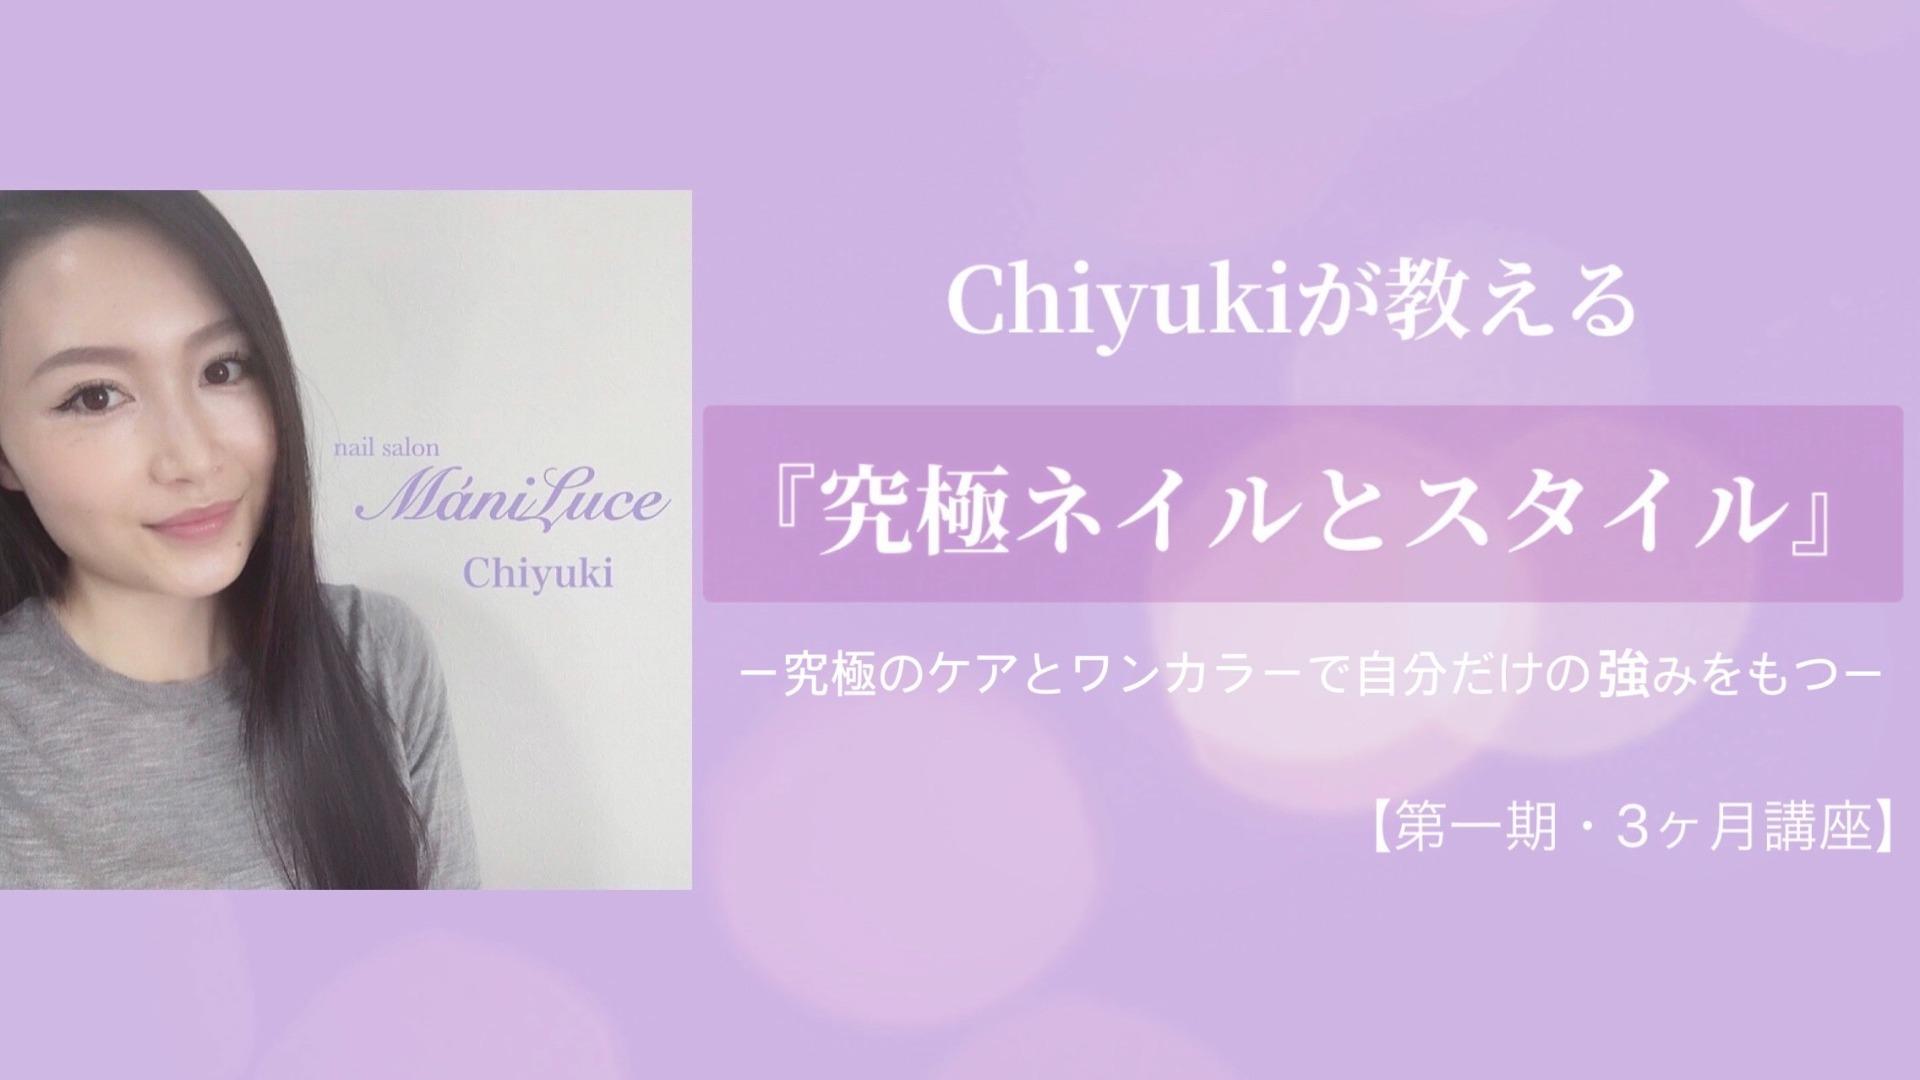 Chiyukiが教える『究極ネイルとスタイル』 by MániLuce